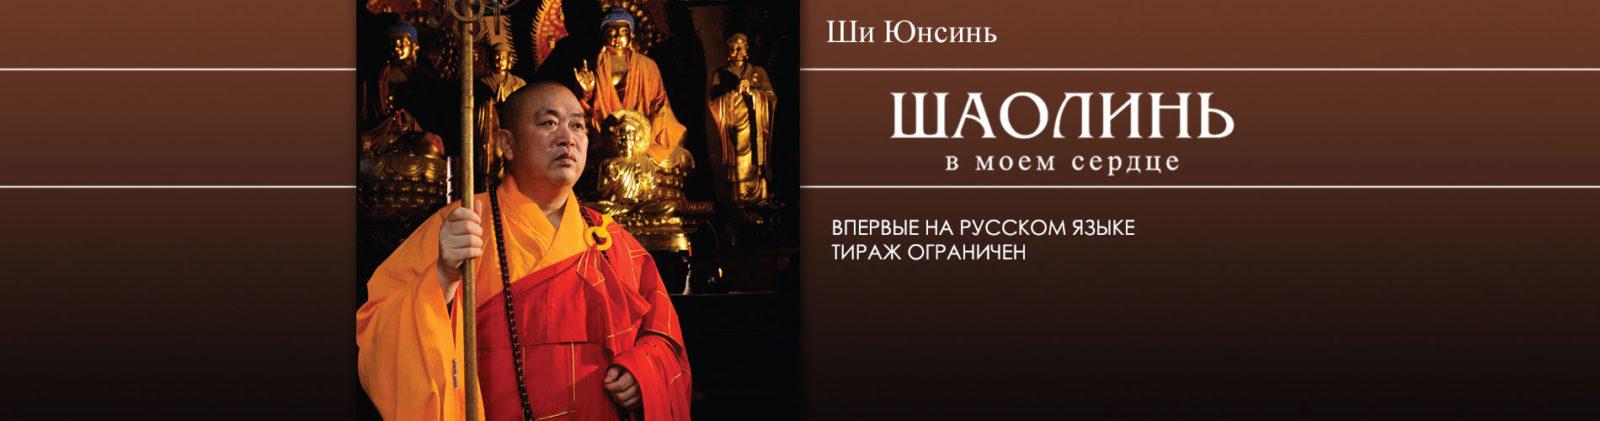 Шаолинь в моем сердце Ши Юнсинь книга на русском языке